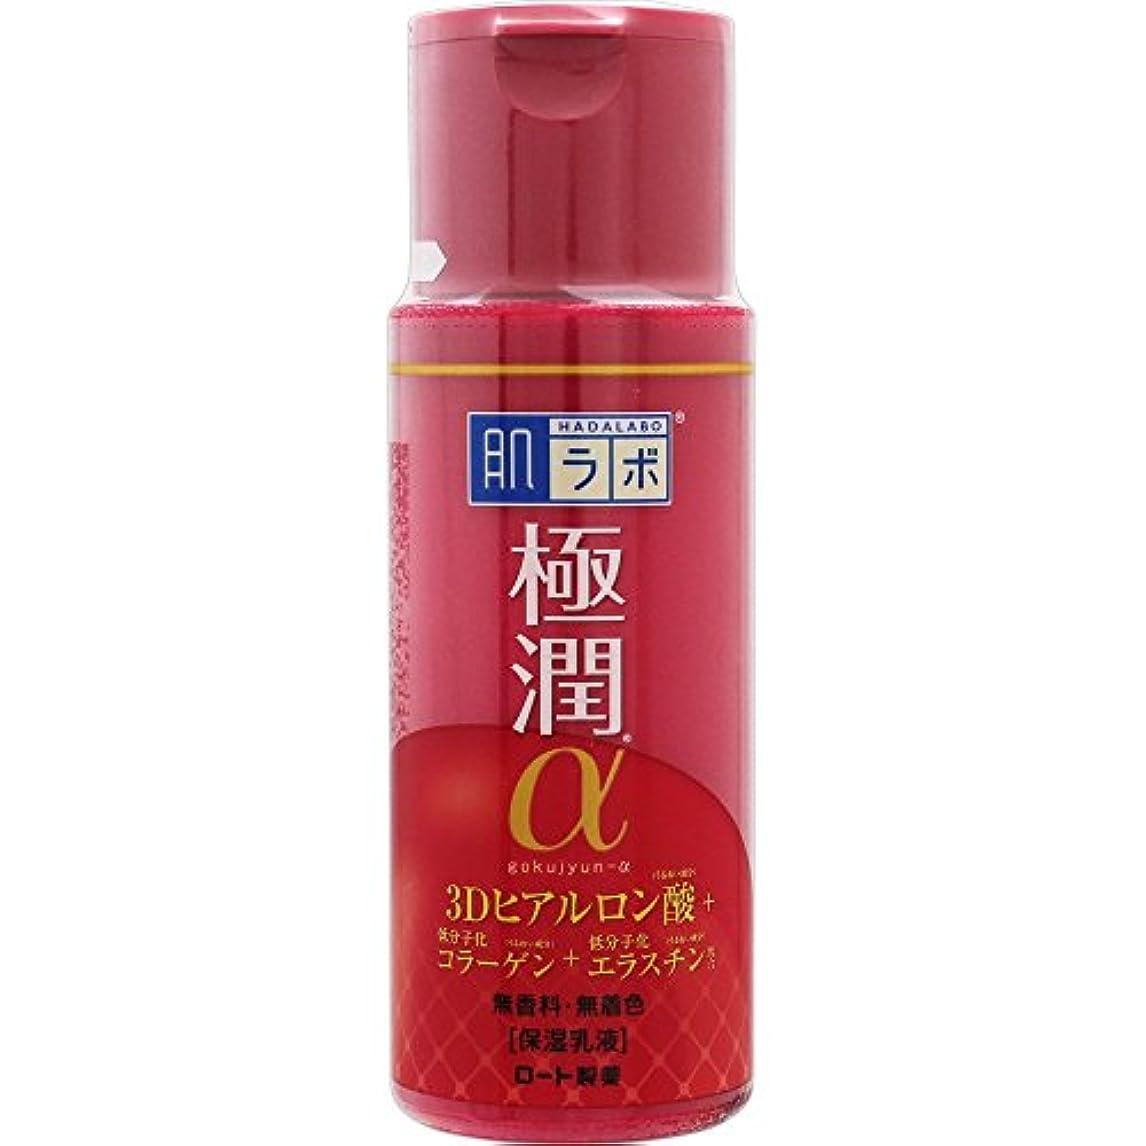 肌ラボ 極潤α ハリ乳液 3Dヒアルロン酸×低分子化コラーゲン×低分子化エラスチン配合 140ml